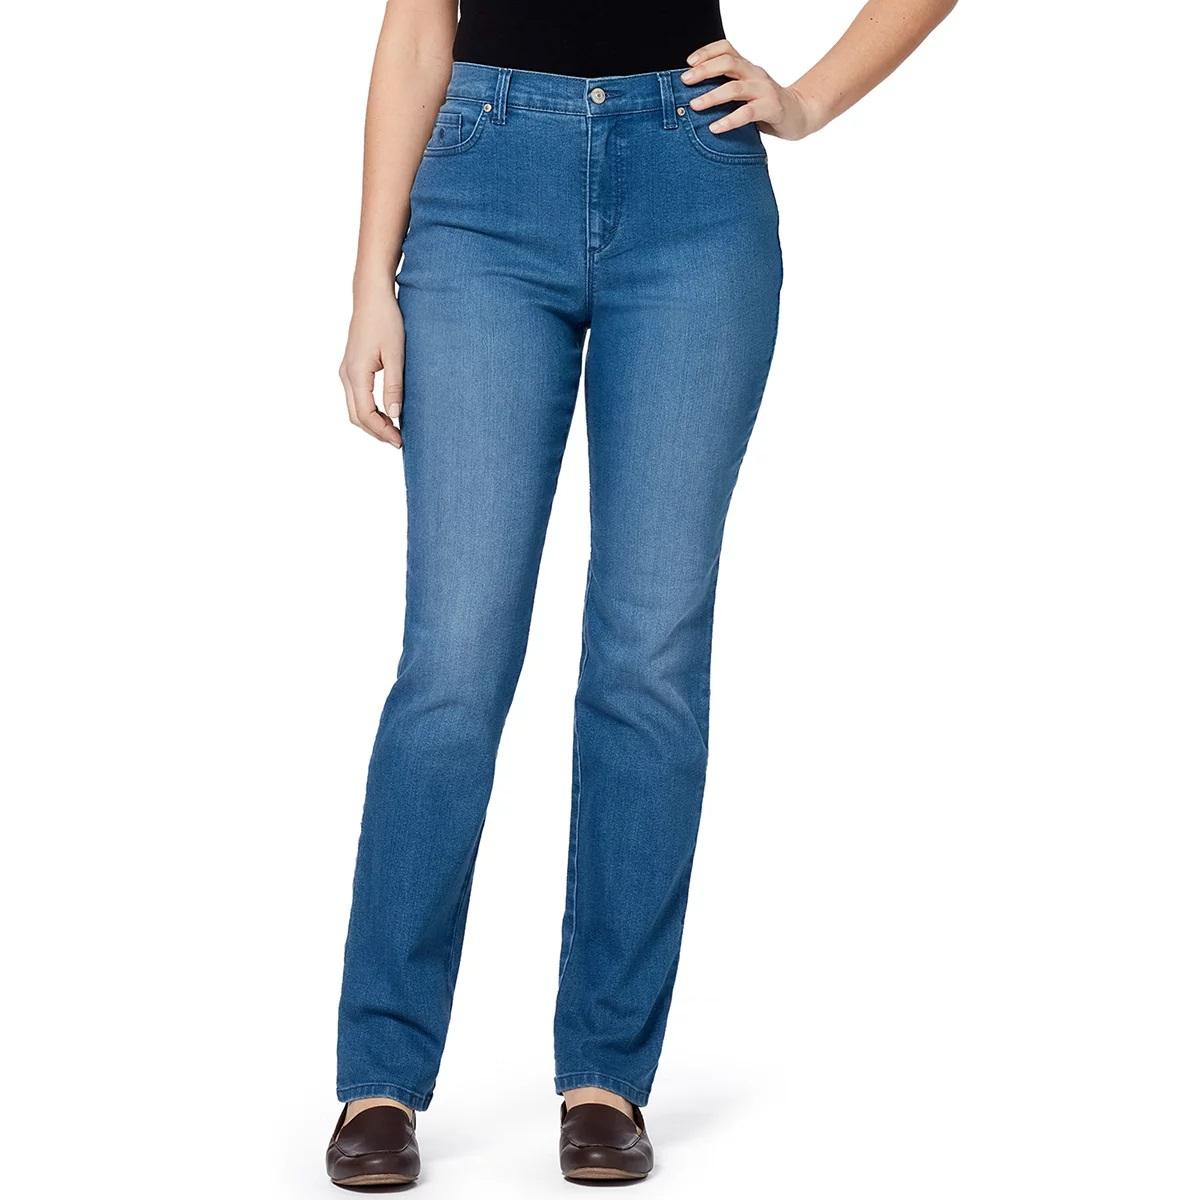 Gloria Vanderbilt Ladies Denim Average Length Jeans - Frisco 8